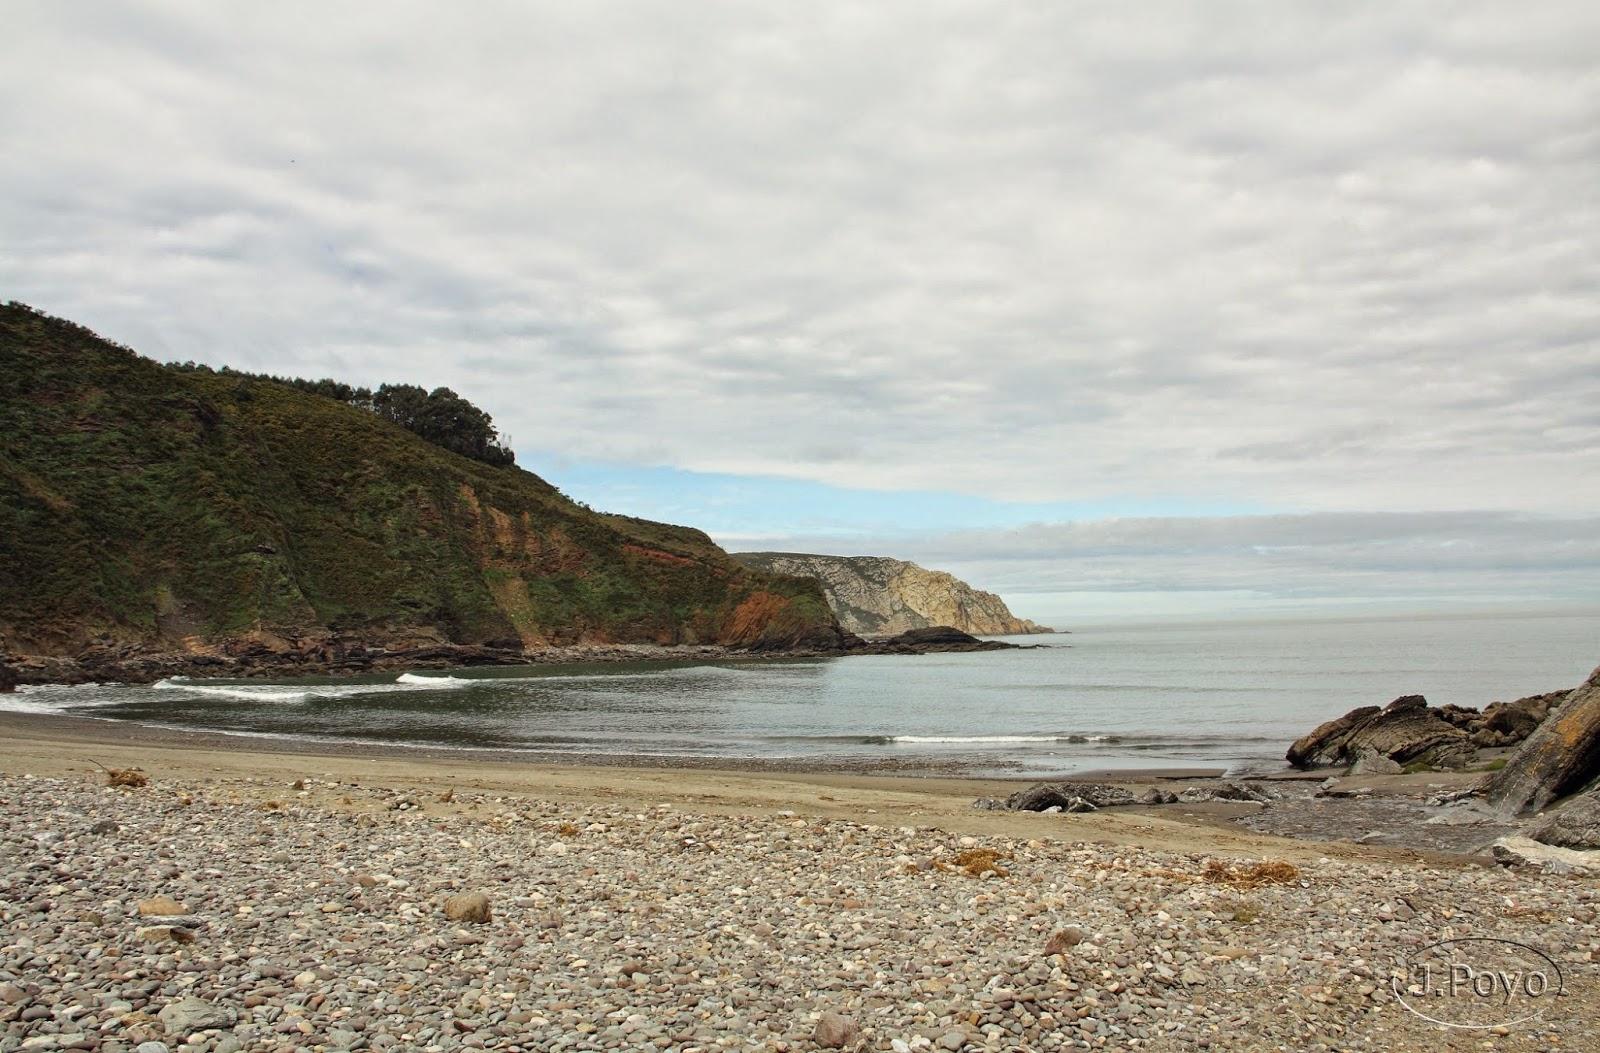 Playa de Bahinas, Asturias